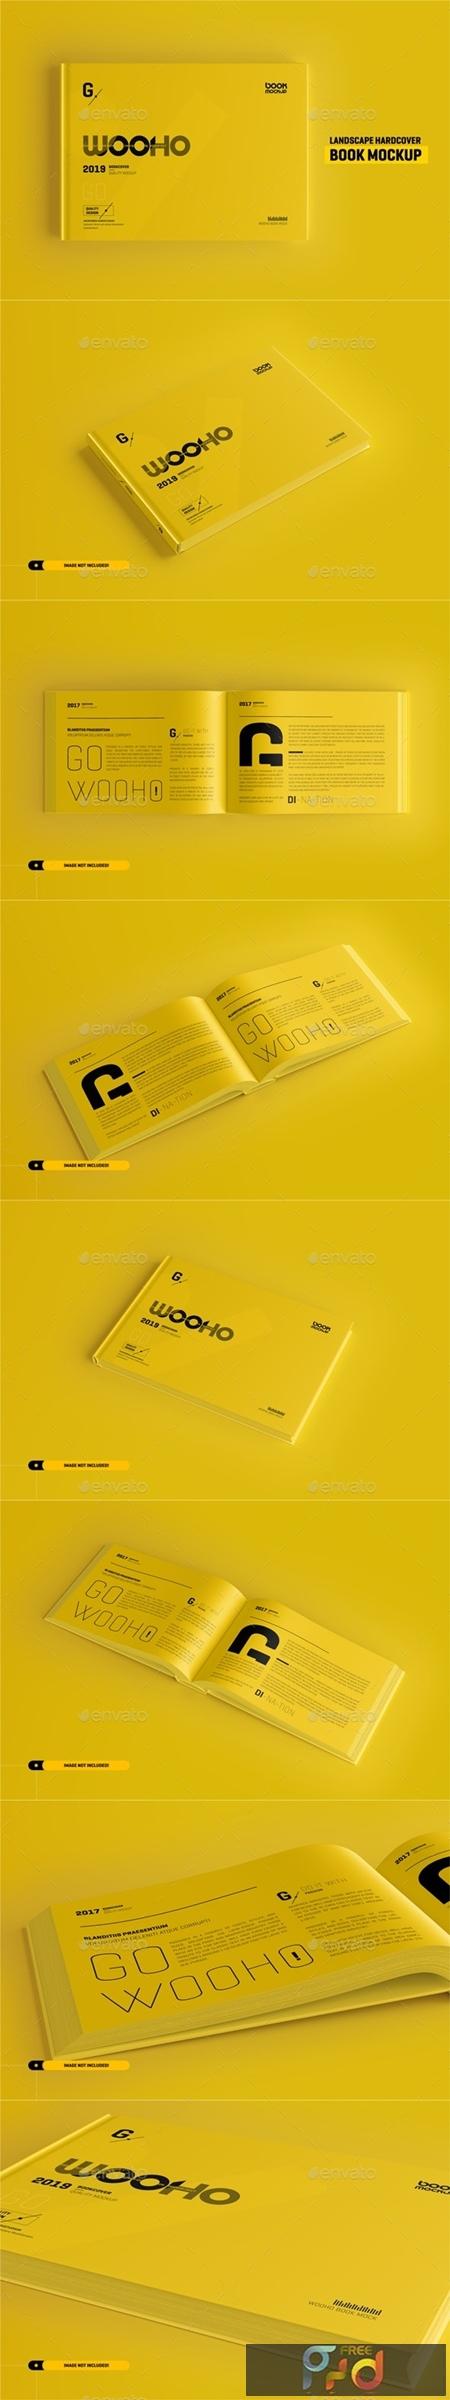 Landscape Book Mockup Hardcover 25692386 1